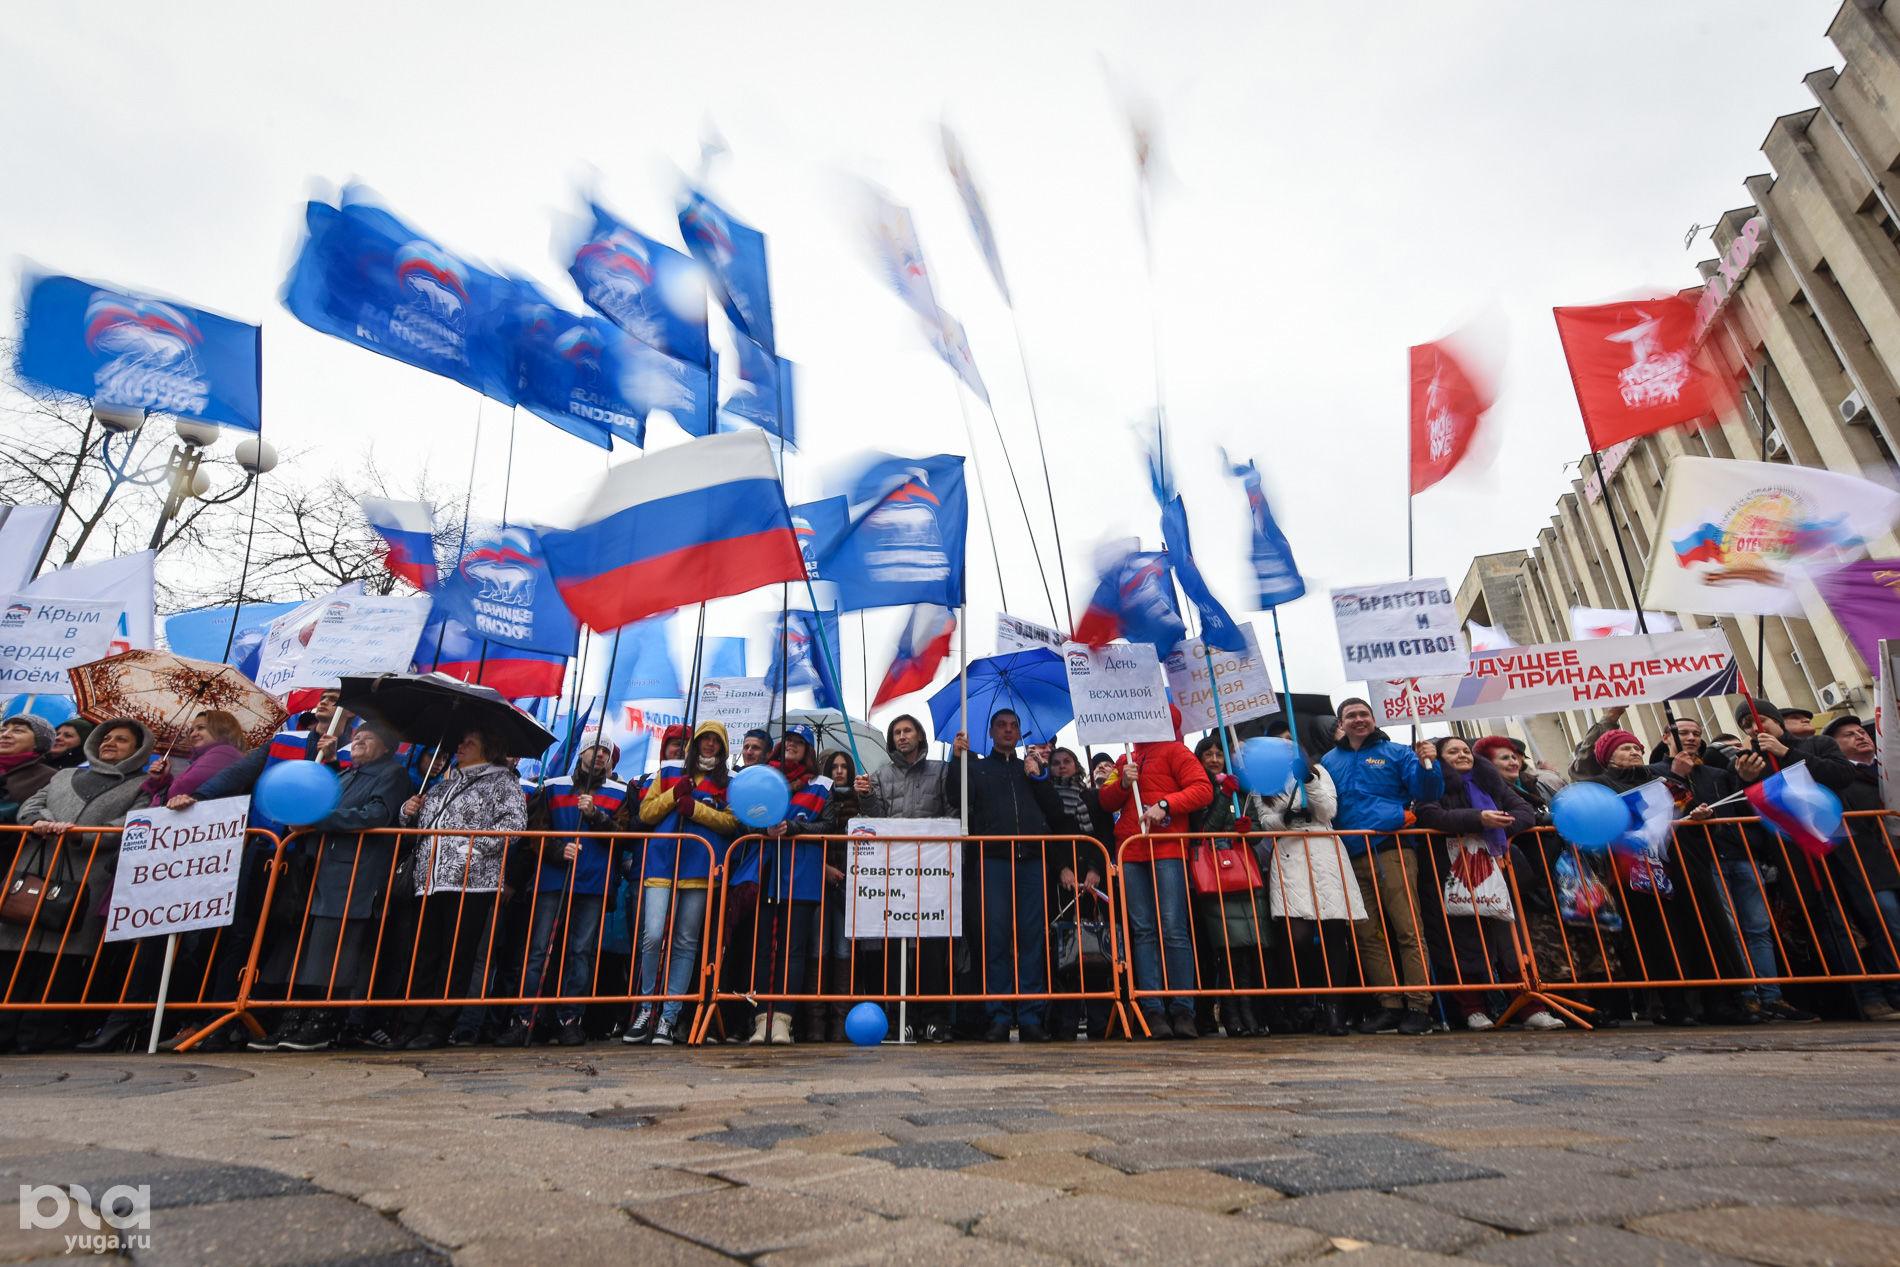 присоединение крыма к россии поздравление надо чем думать